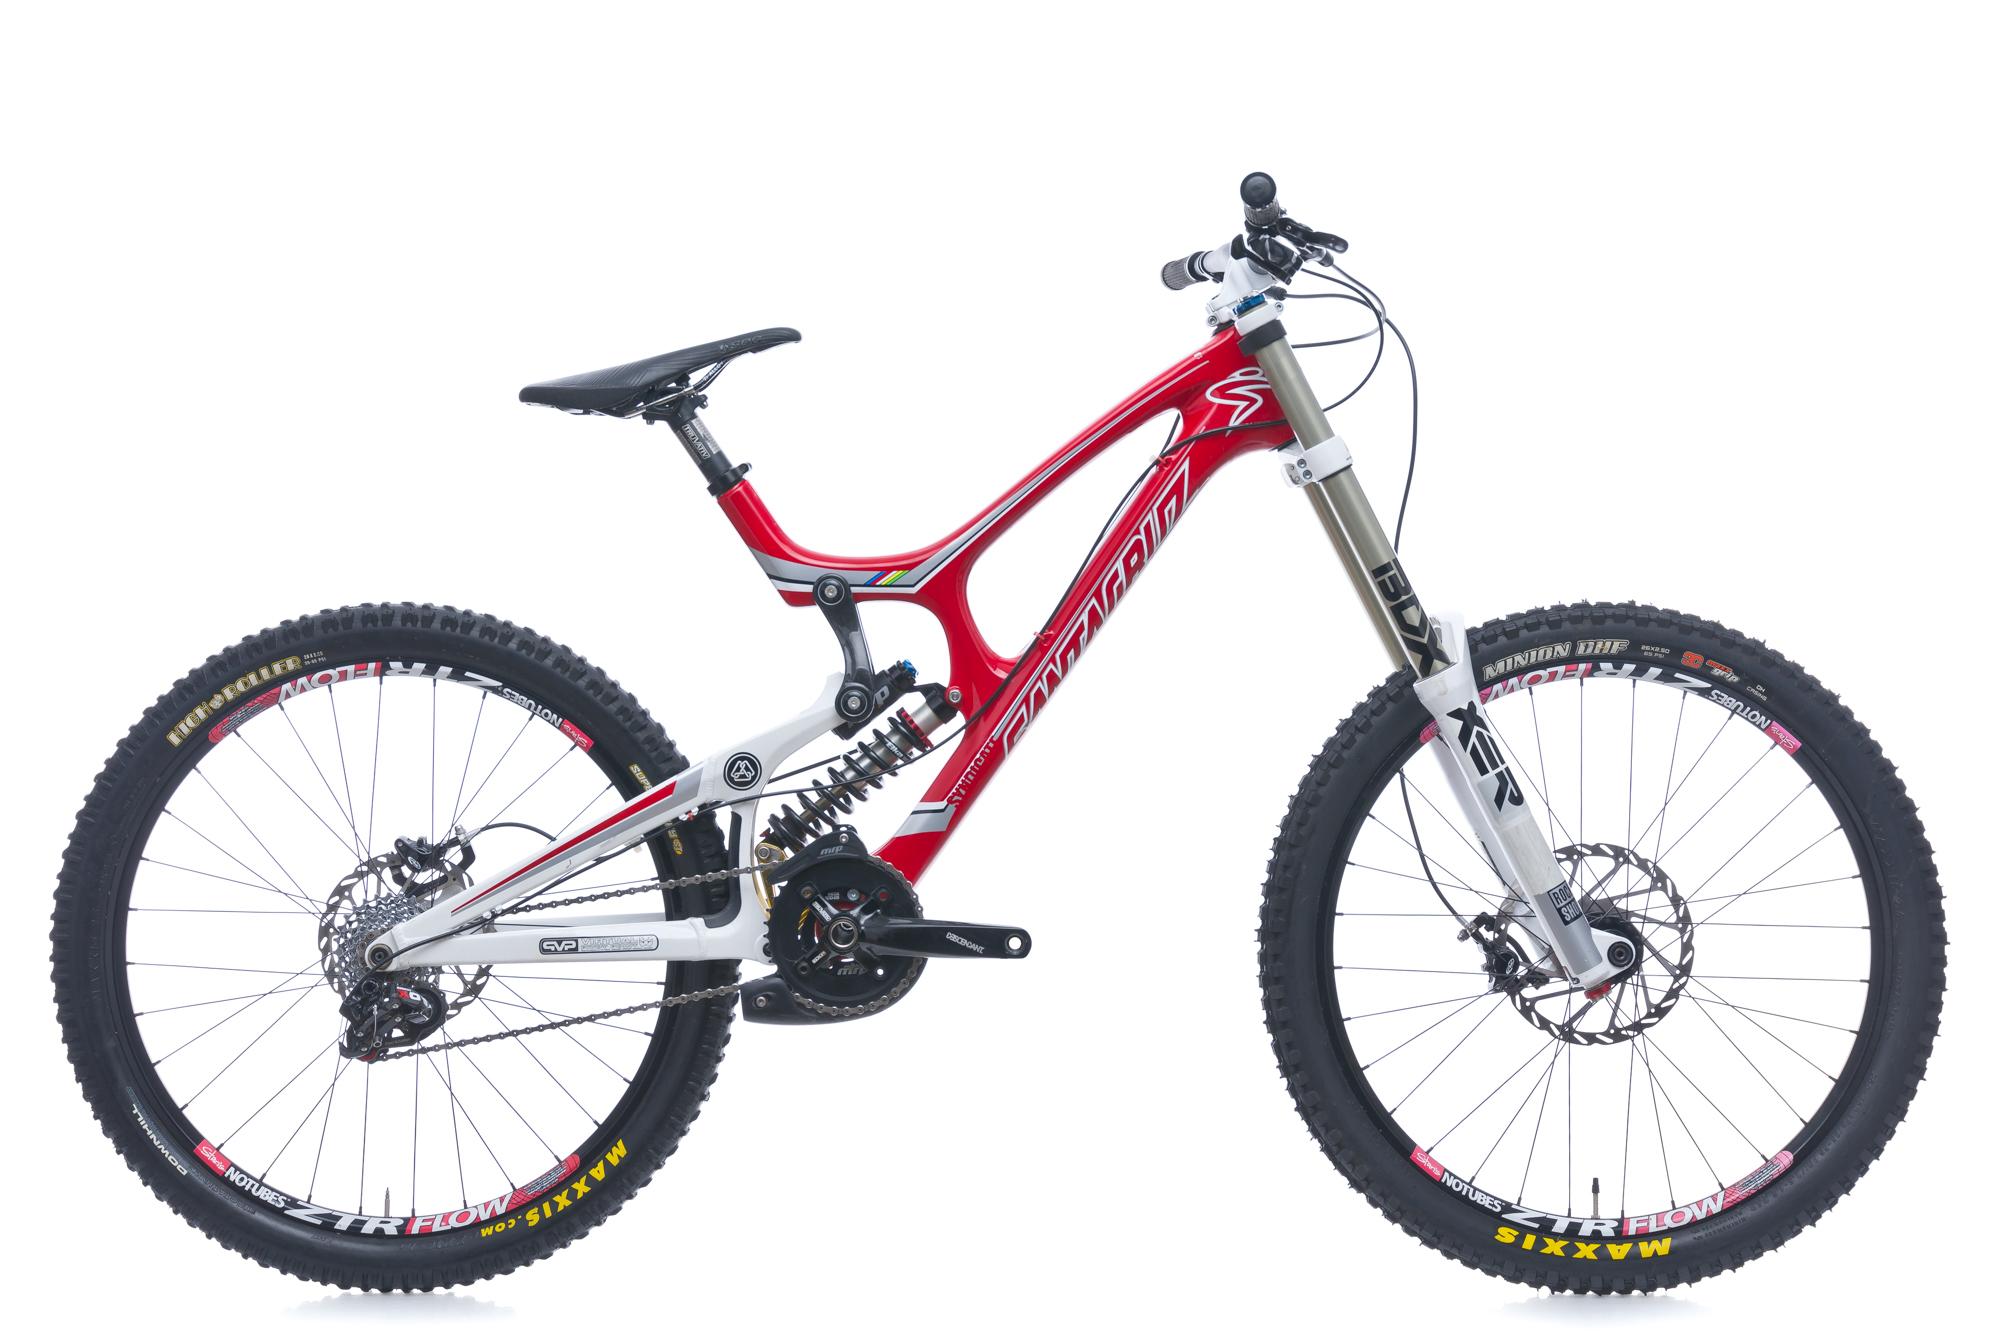 2011 santa cruz v10 downhill mountain bike medium 26 carbon x0 2011 santa cruz v10 downhill mountain bike medium 26 carbon x0 rockshox mrp altavistaventures Choice Image